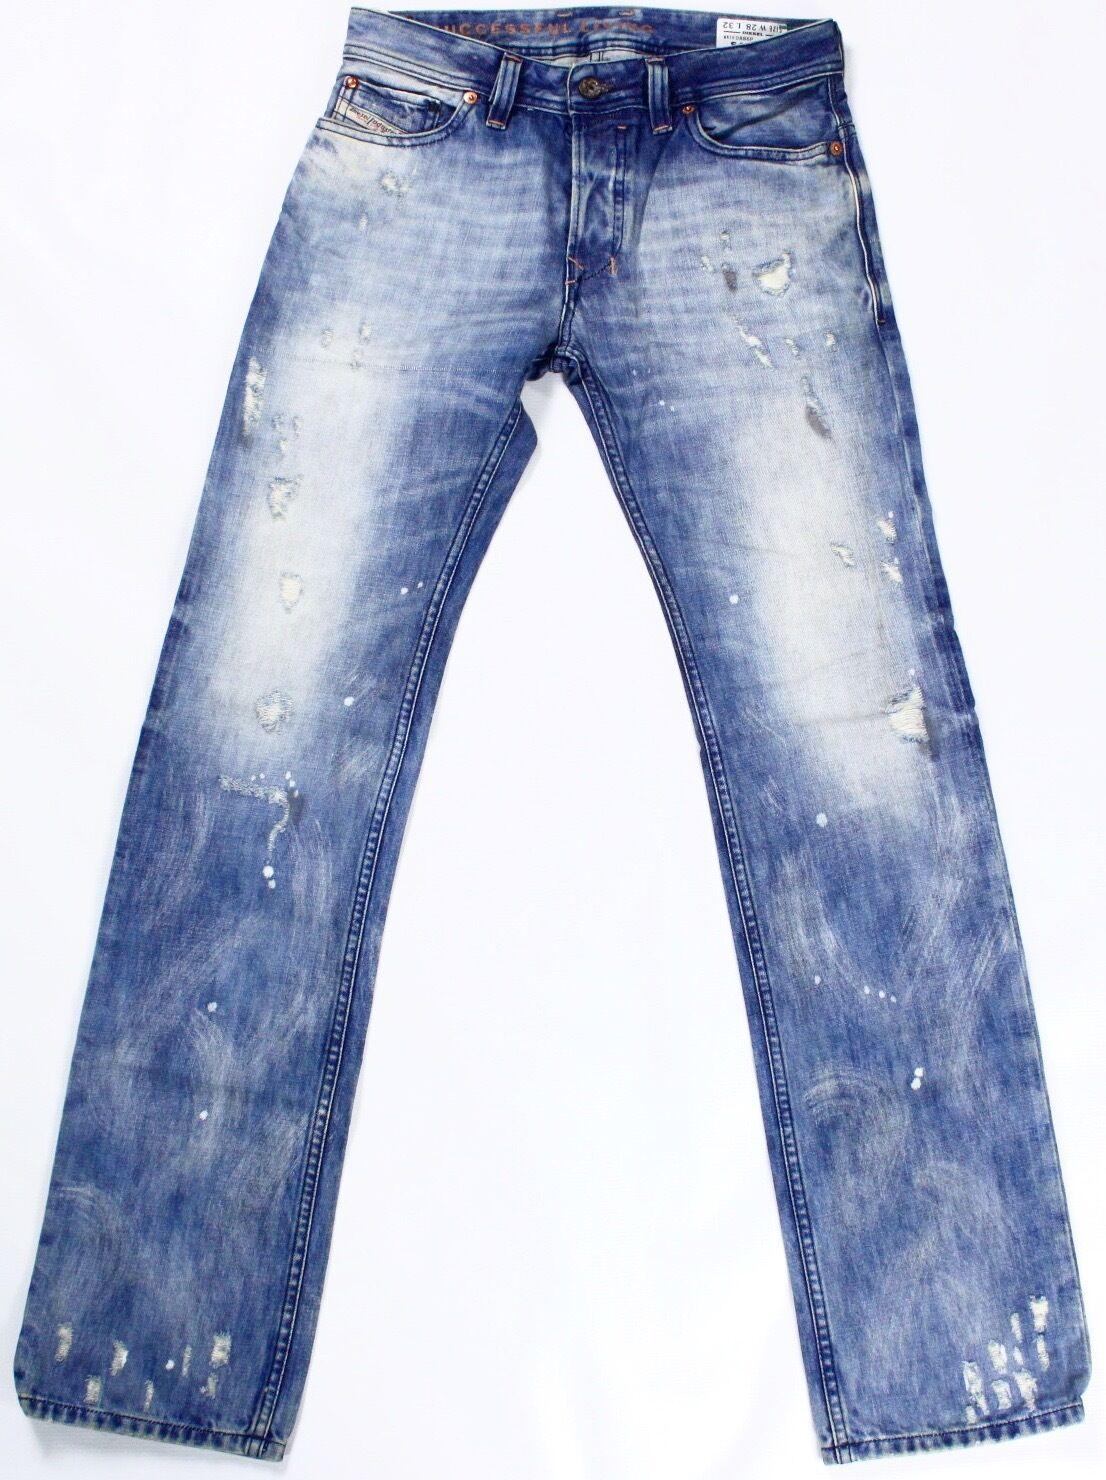 DIESEL Nuovo di Zecca Safado Safado Safado 0886P Jeans 28X32 886P SLIM-FIT Dritto de656d